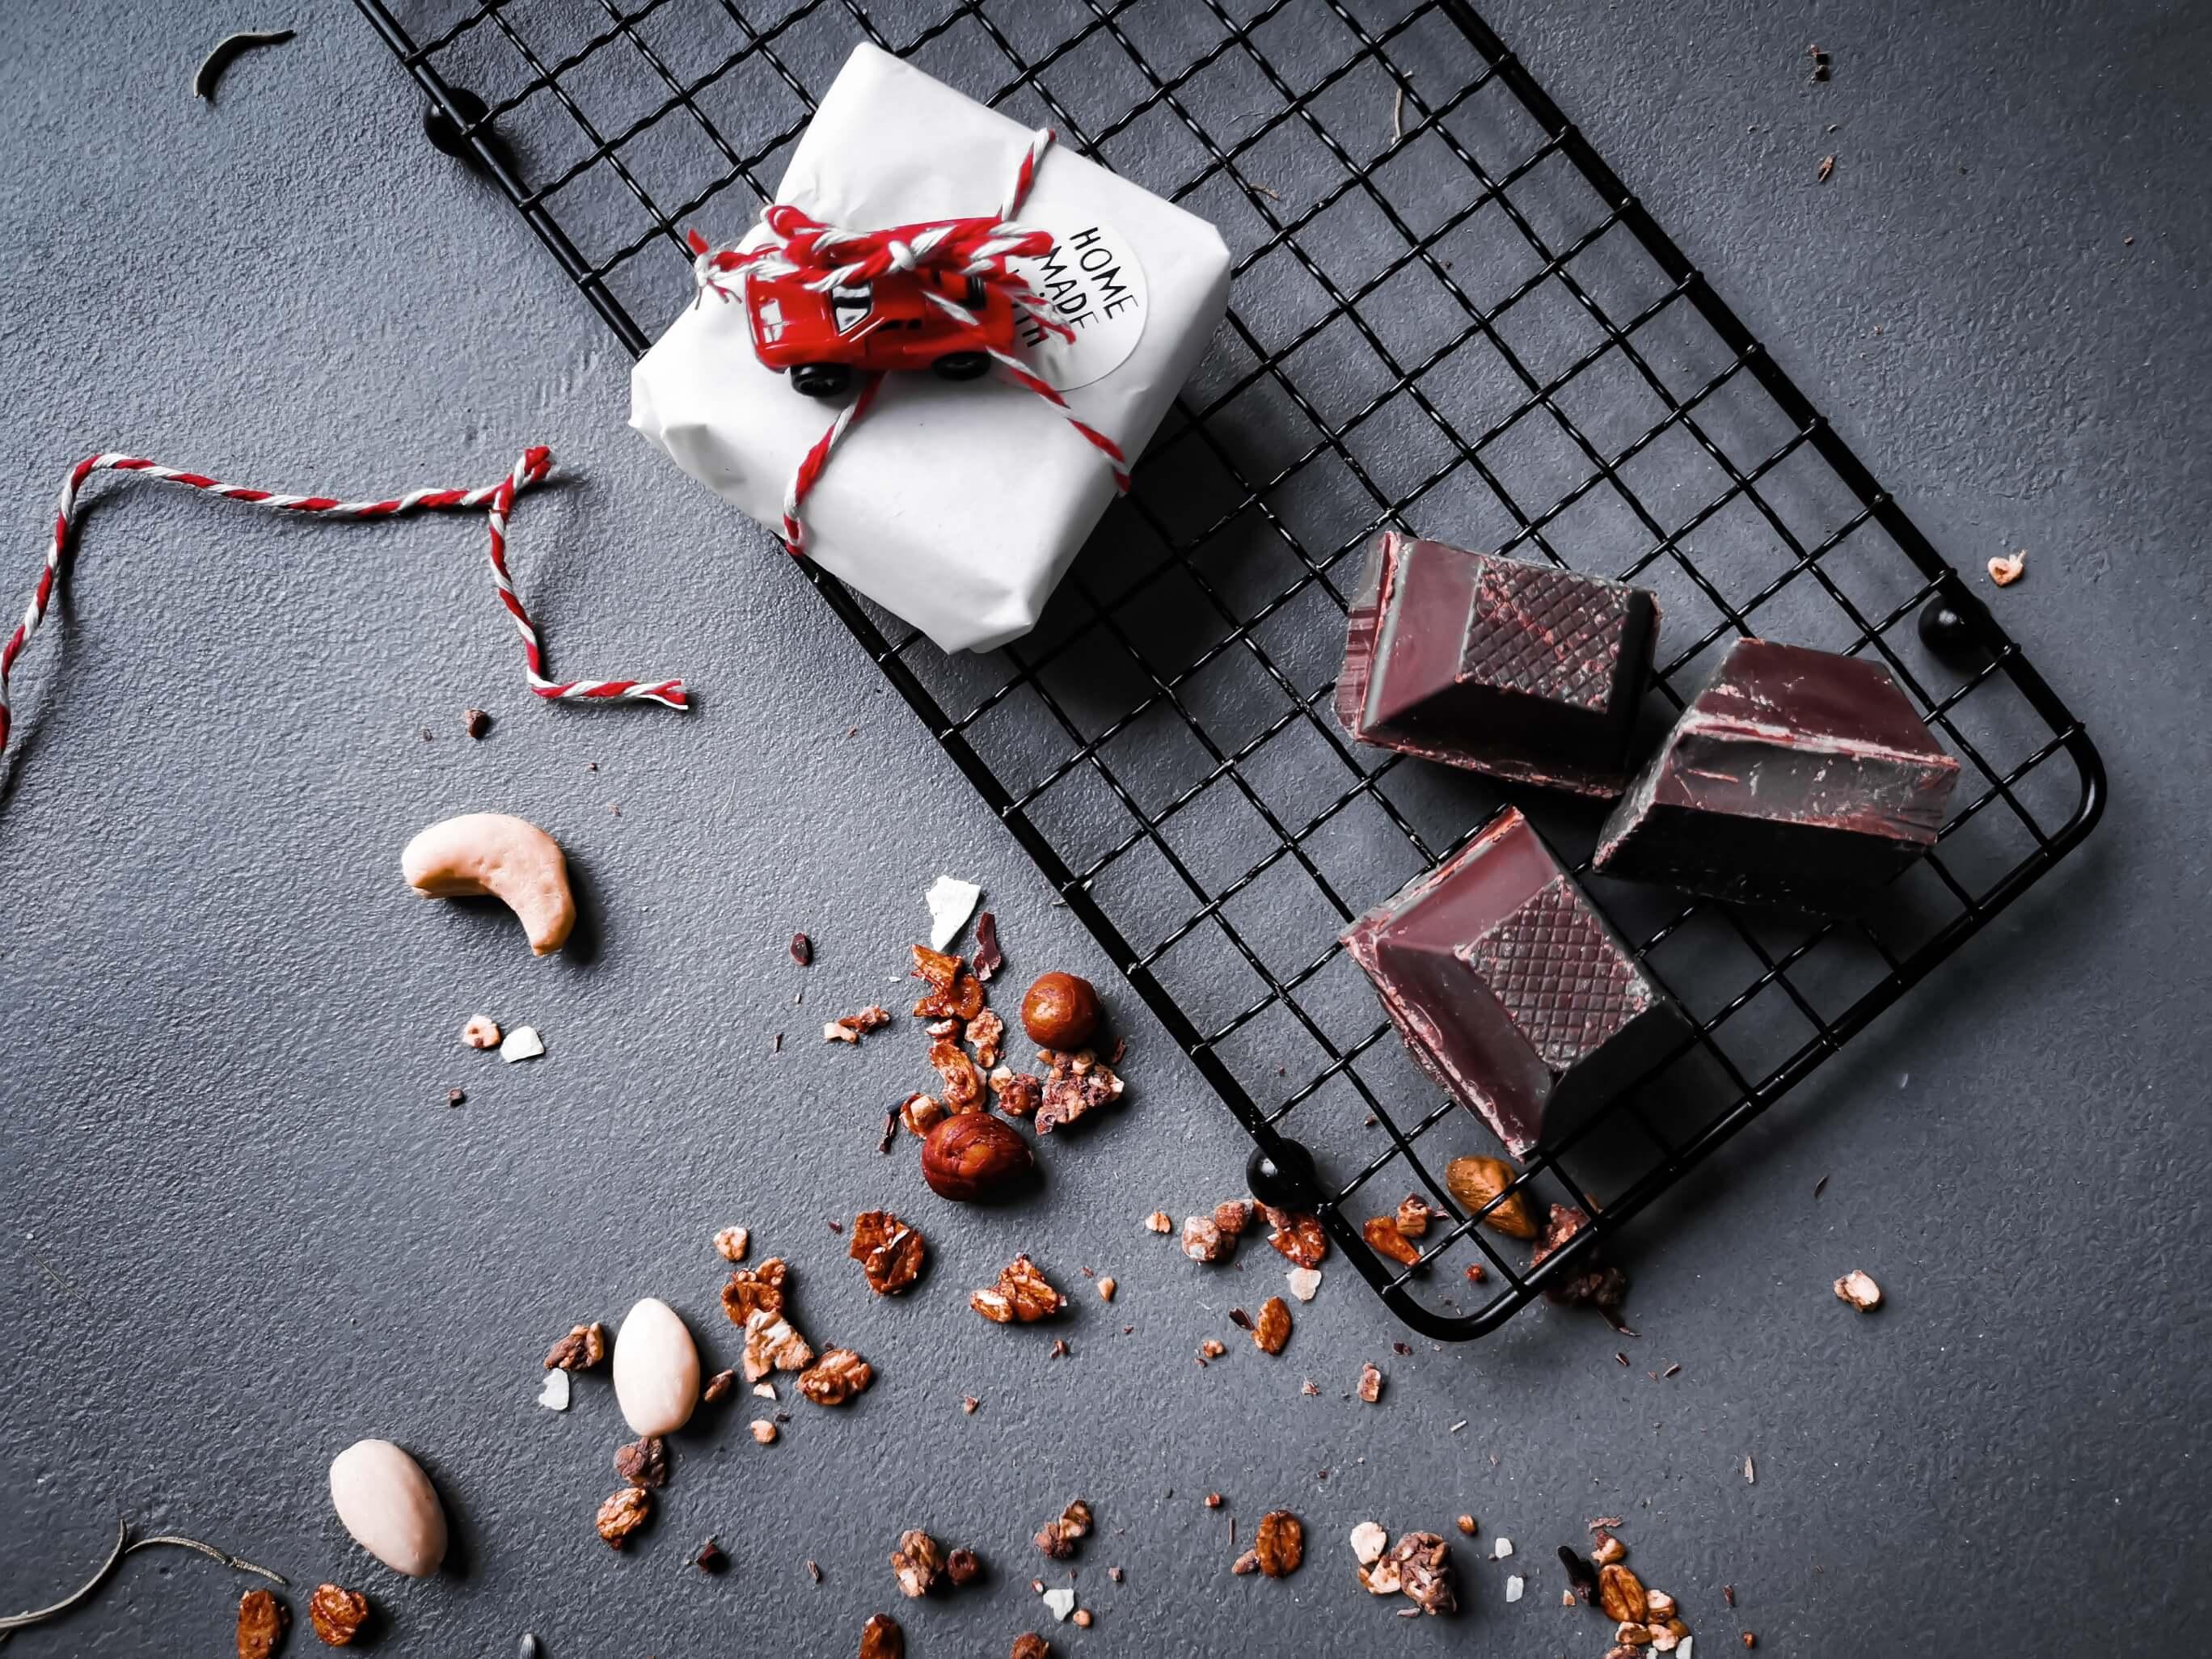 IMG 20191117 144103 resized 20191117 061511653 - Darčeky z kuchyne - darujte chuť Vianoc!